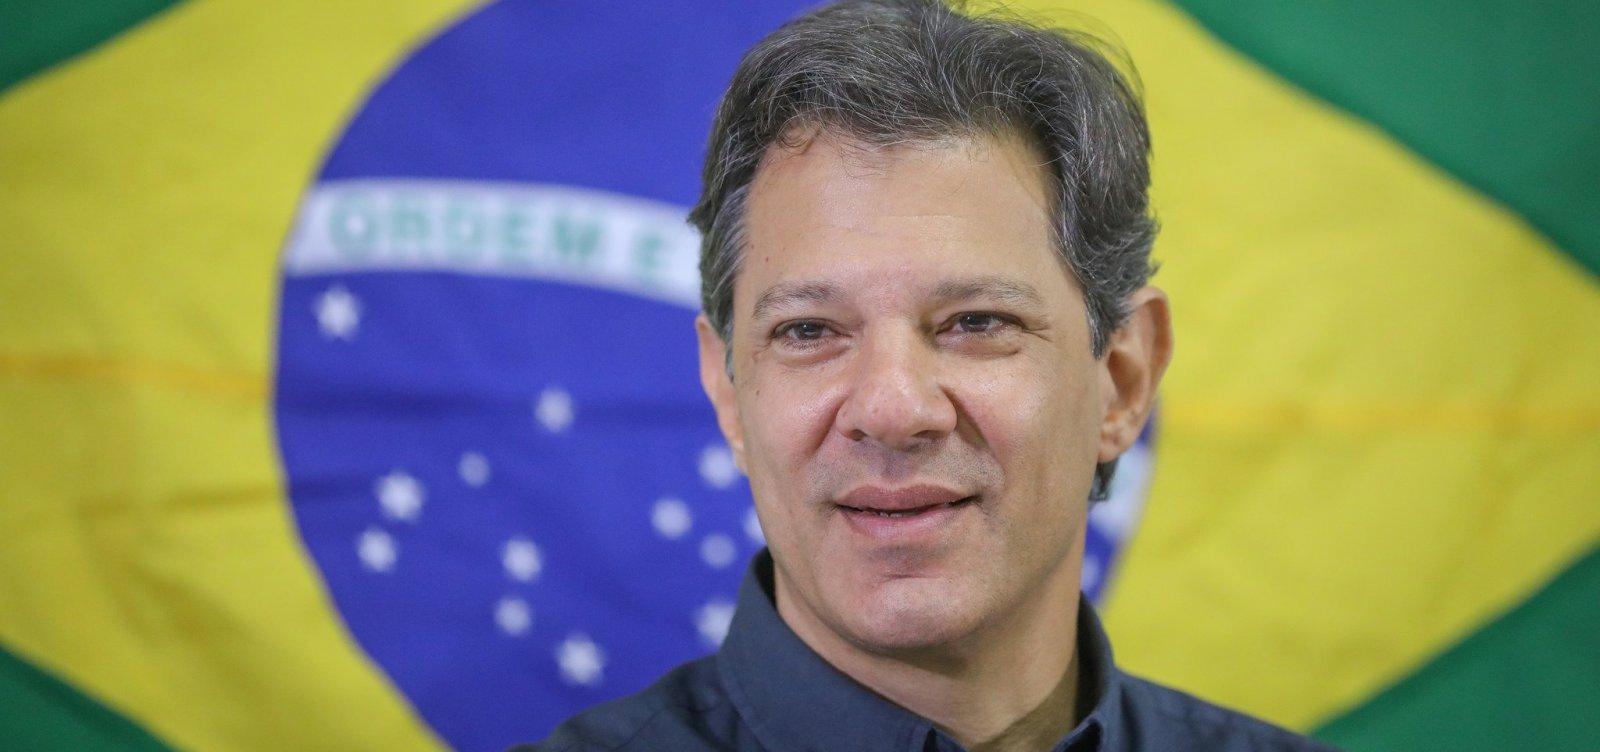 PT pede que Bolsonaro seja investigado por suposta disseminação de conteúdo falso